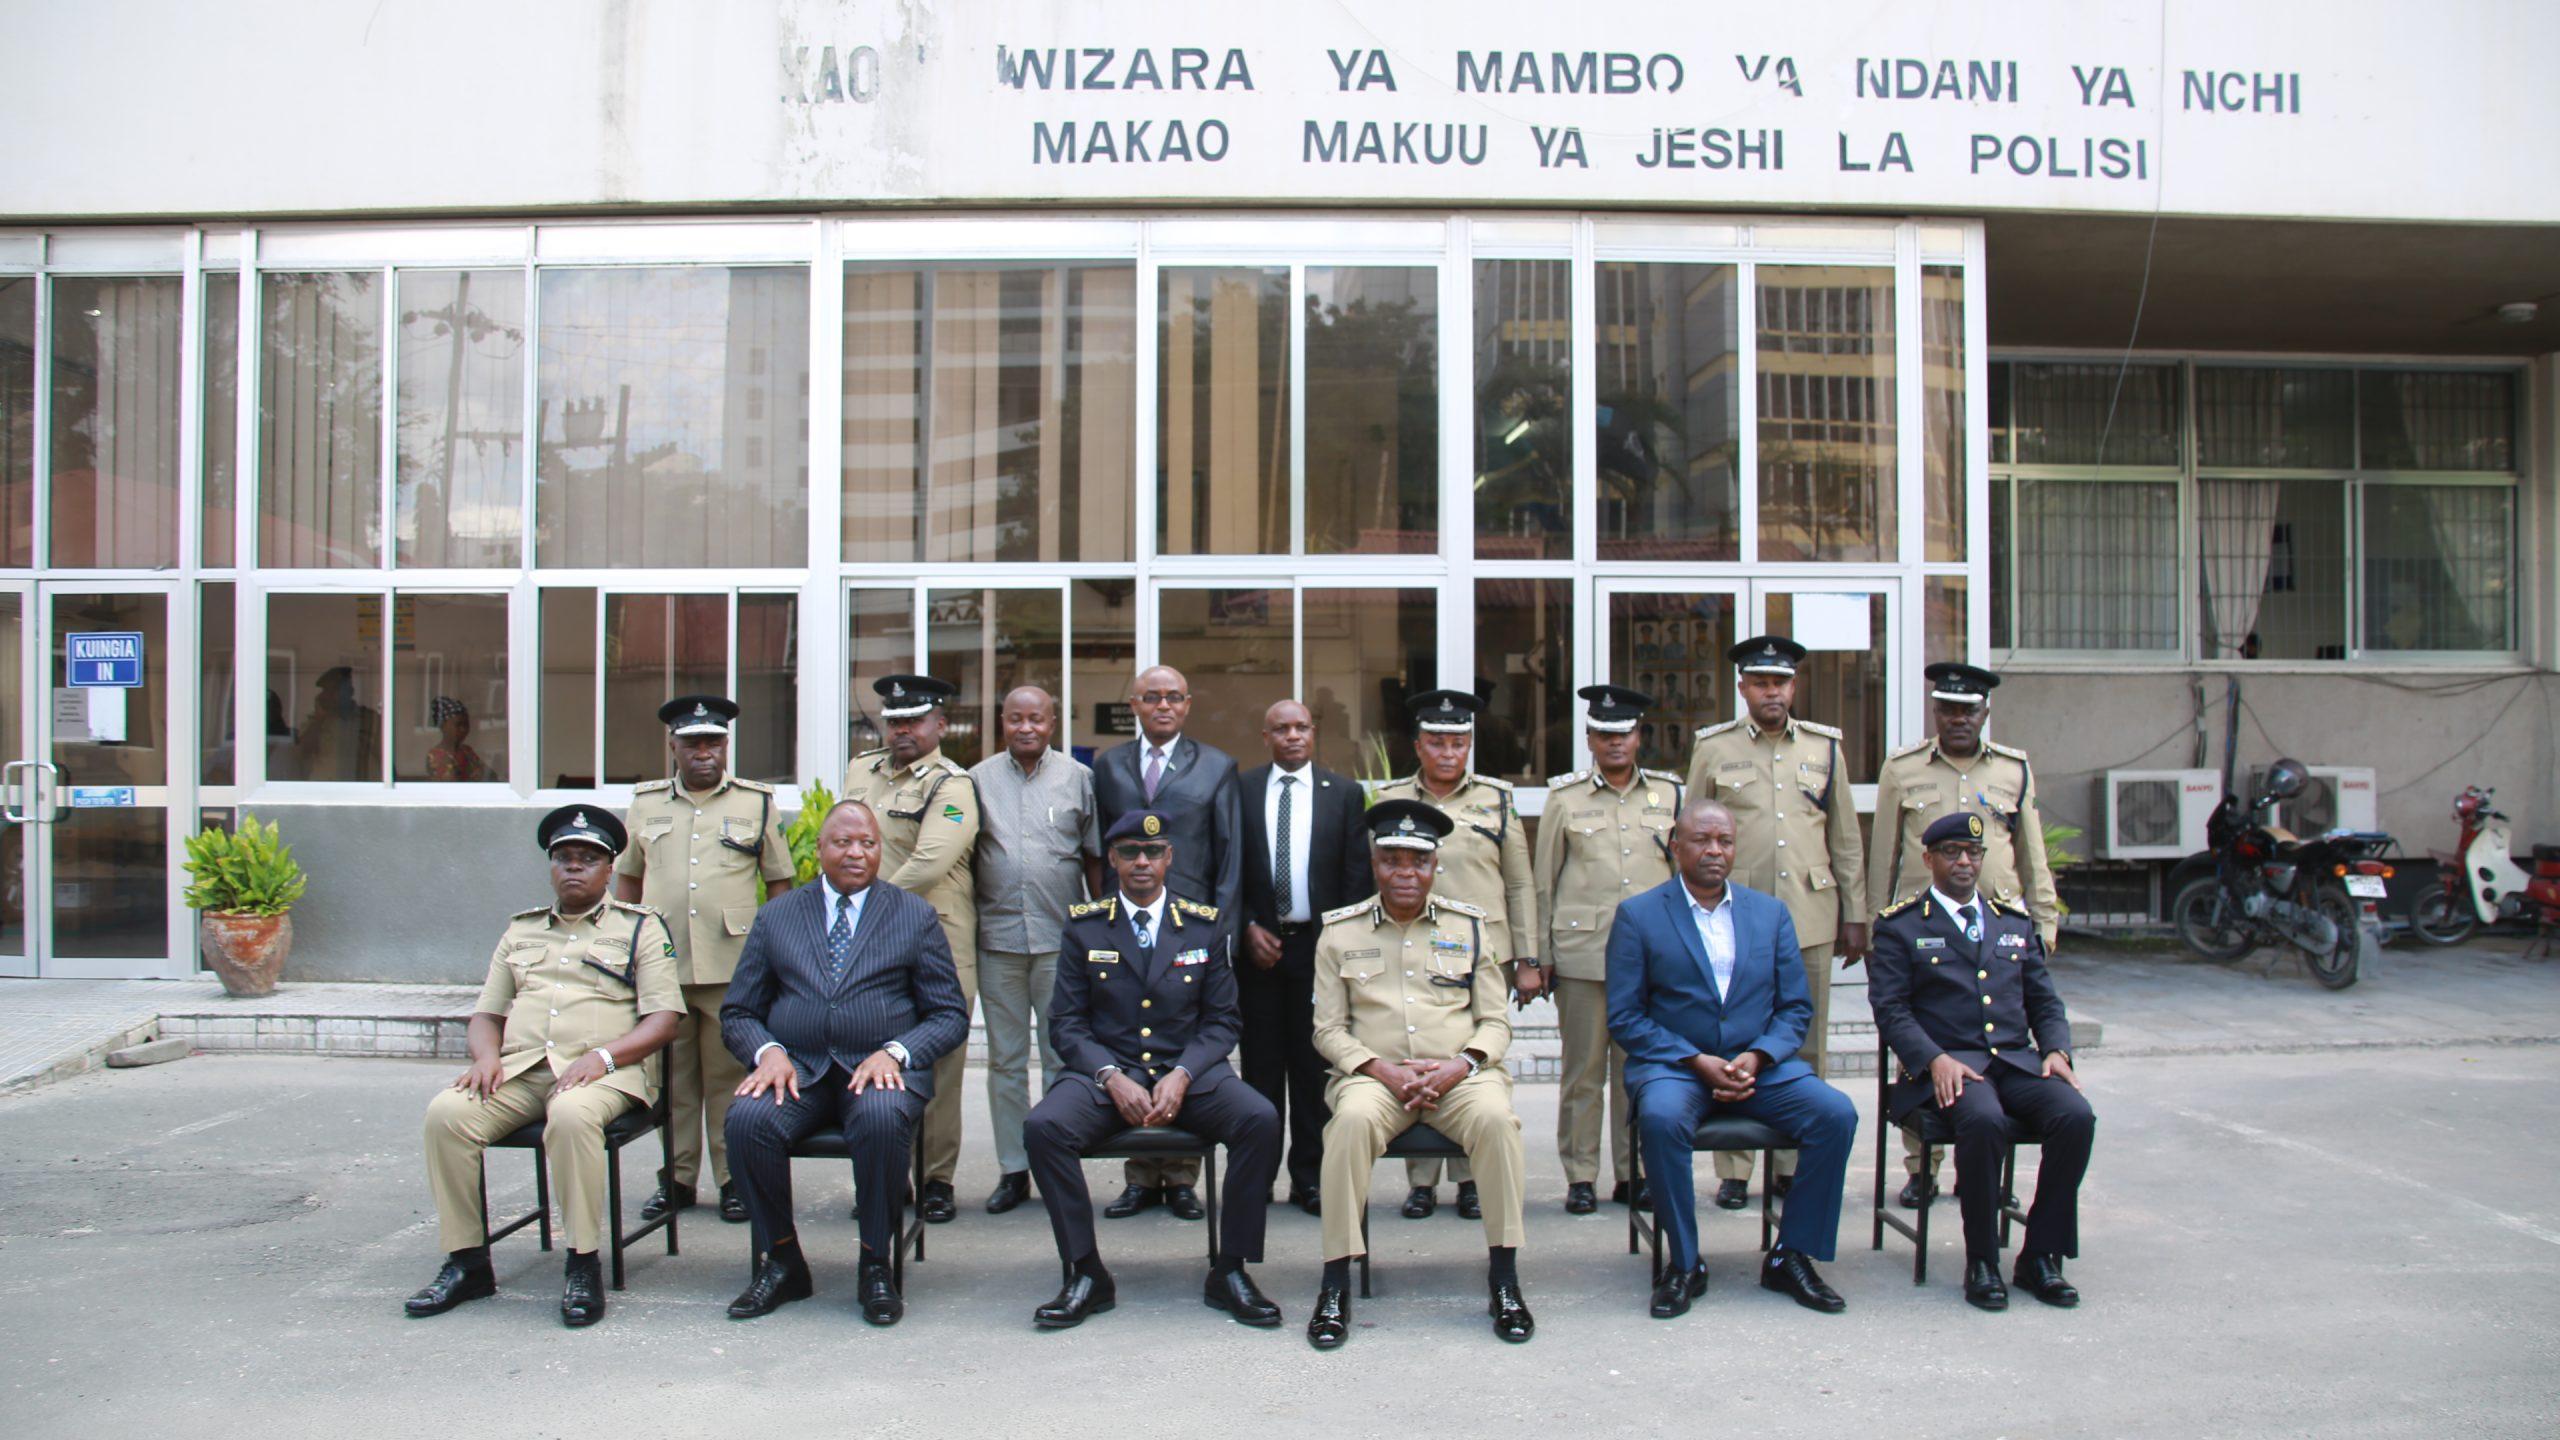 JESHI LA POLISI TANZANIA